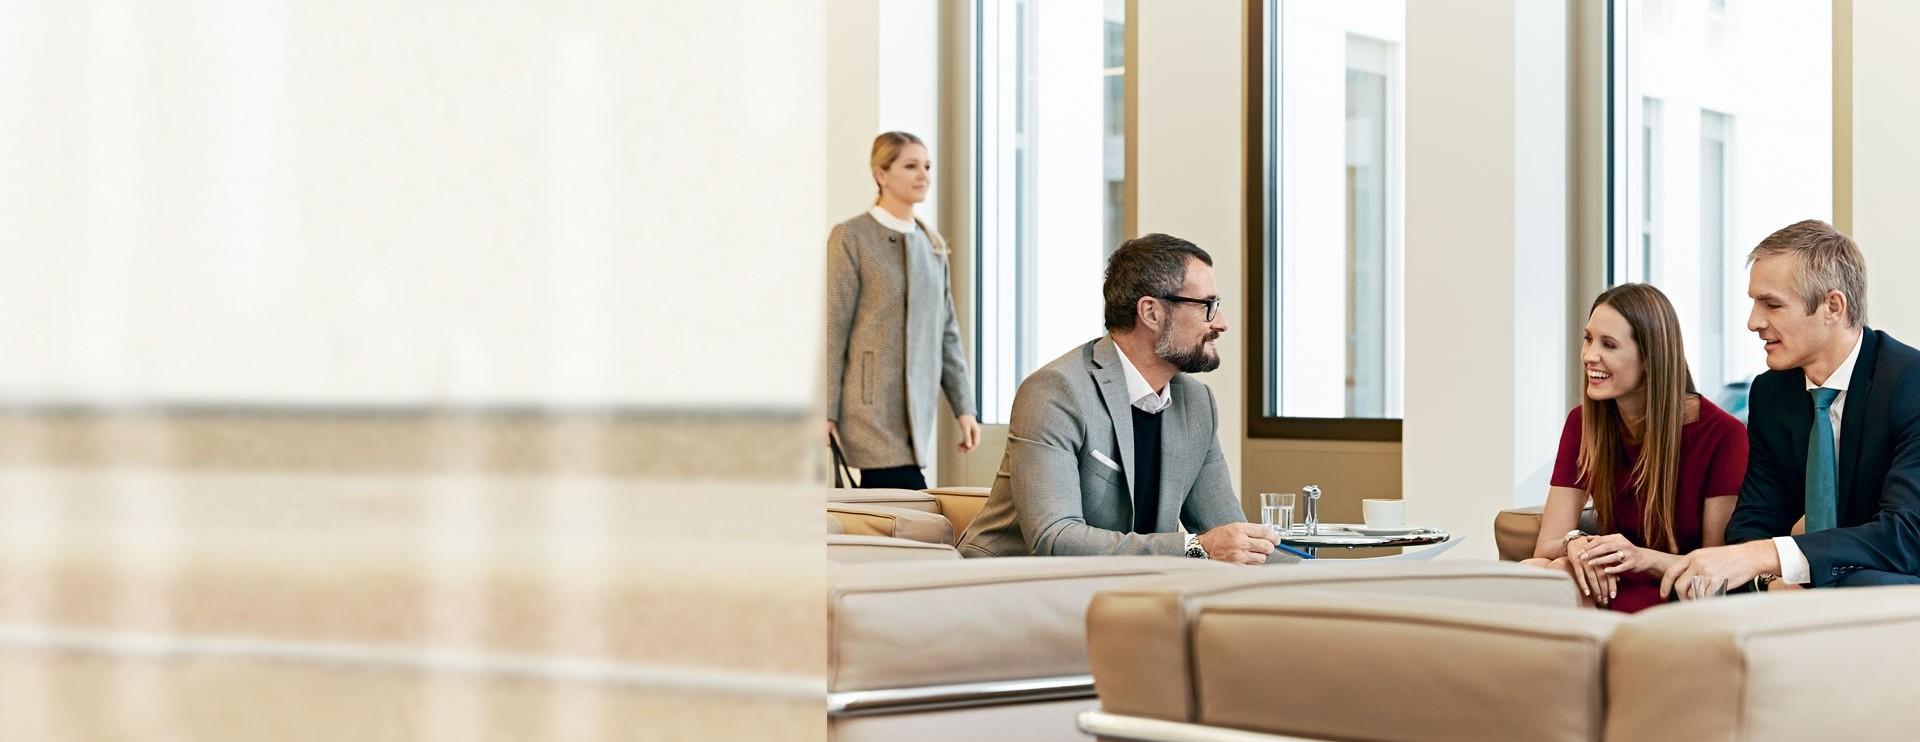 Geschäftsleute bei einer Besprechung